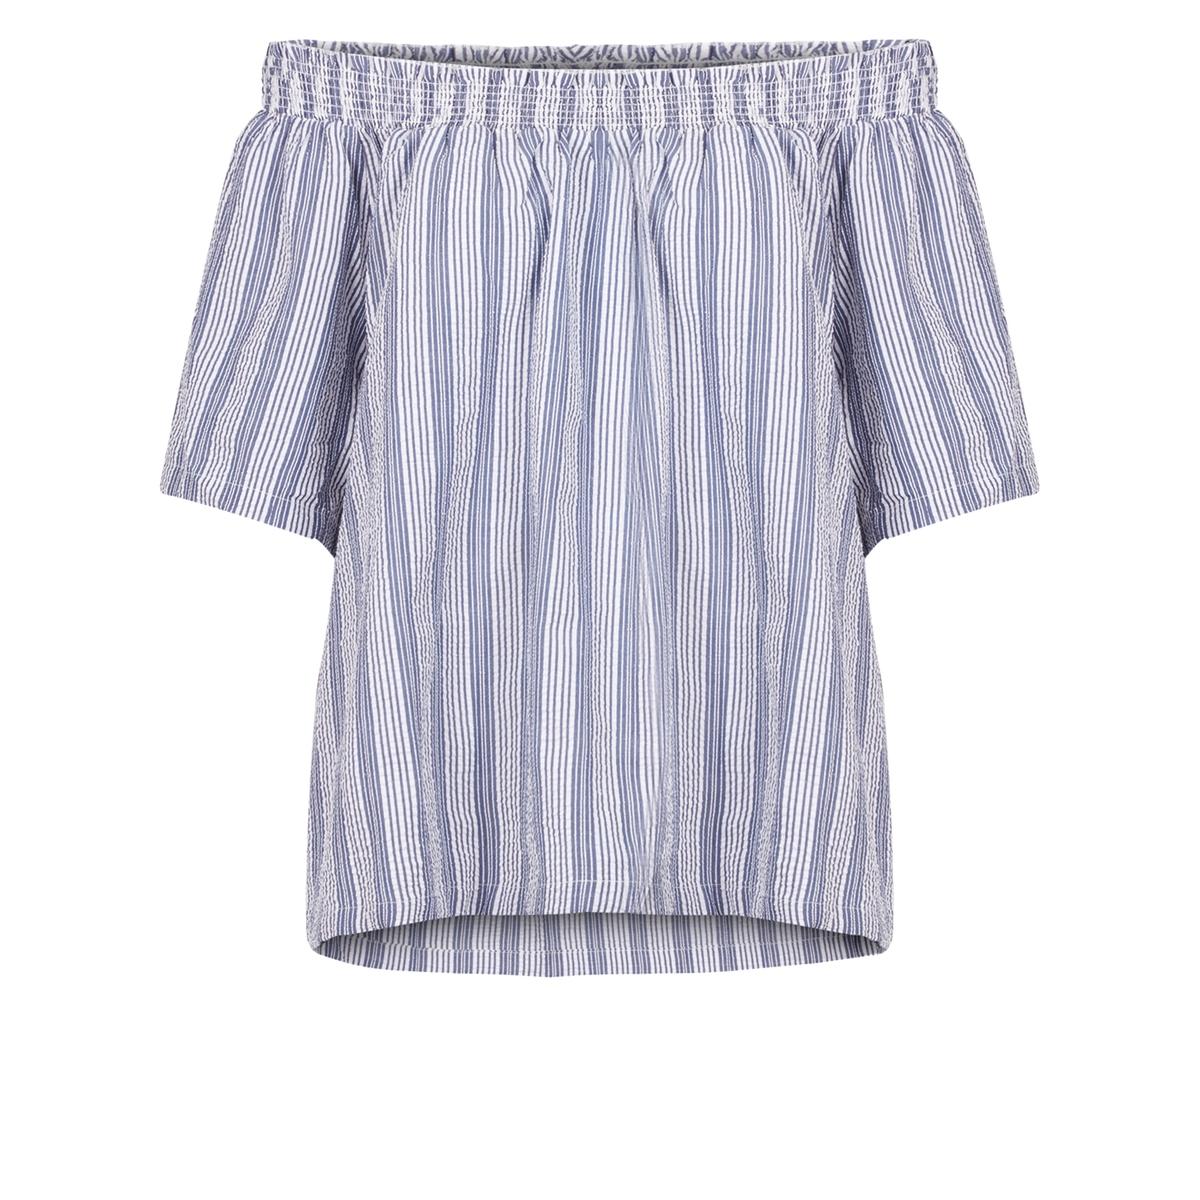 где купить Блузка в полоску с открытыми плечами, короткие рукава по лучшей цене